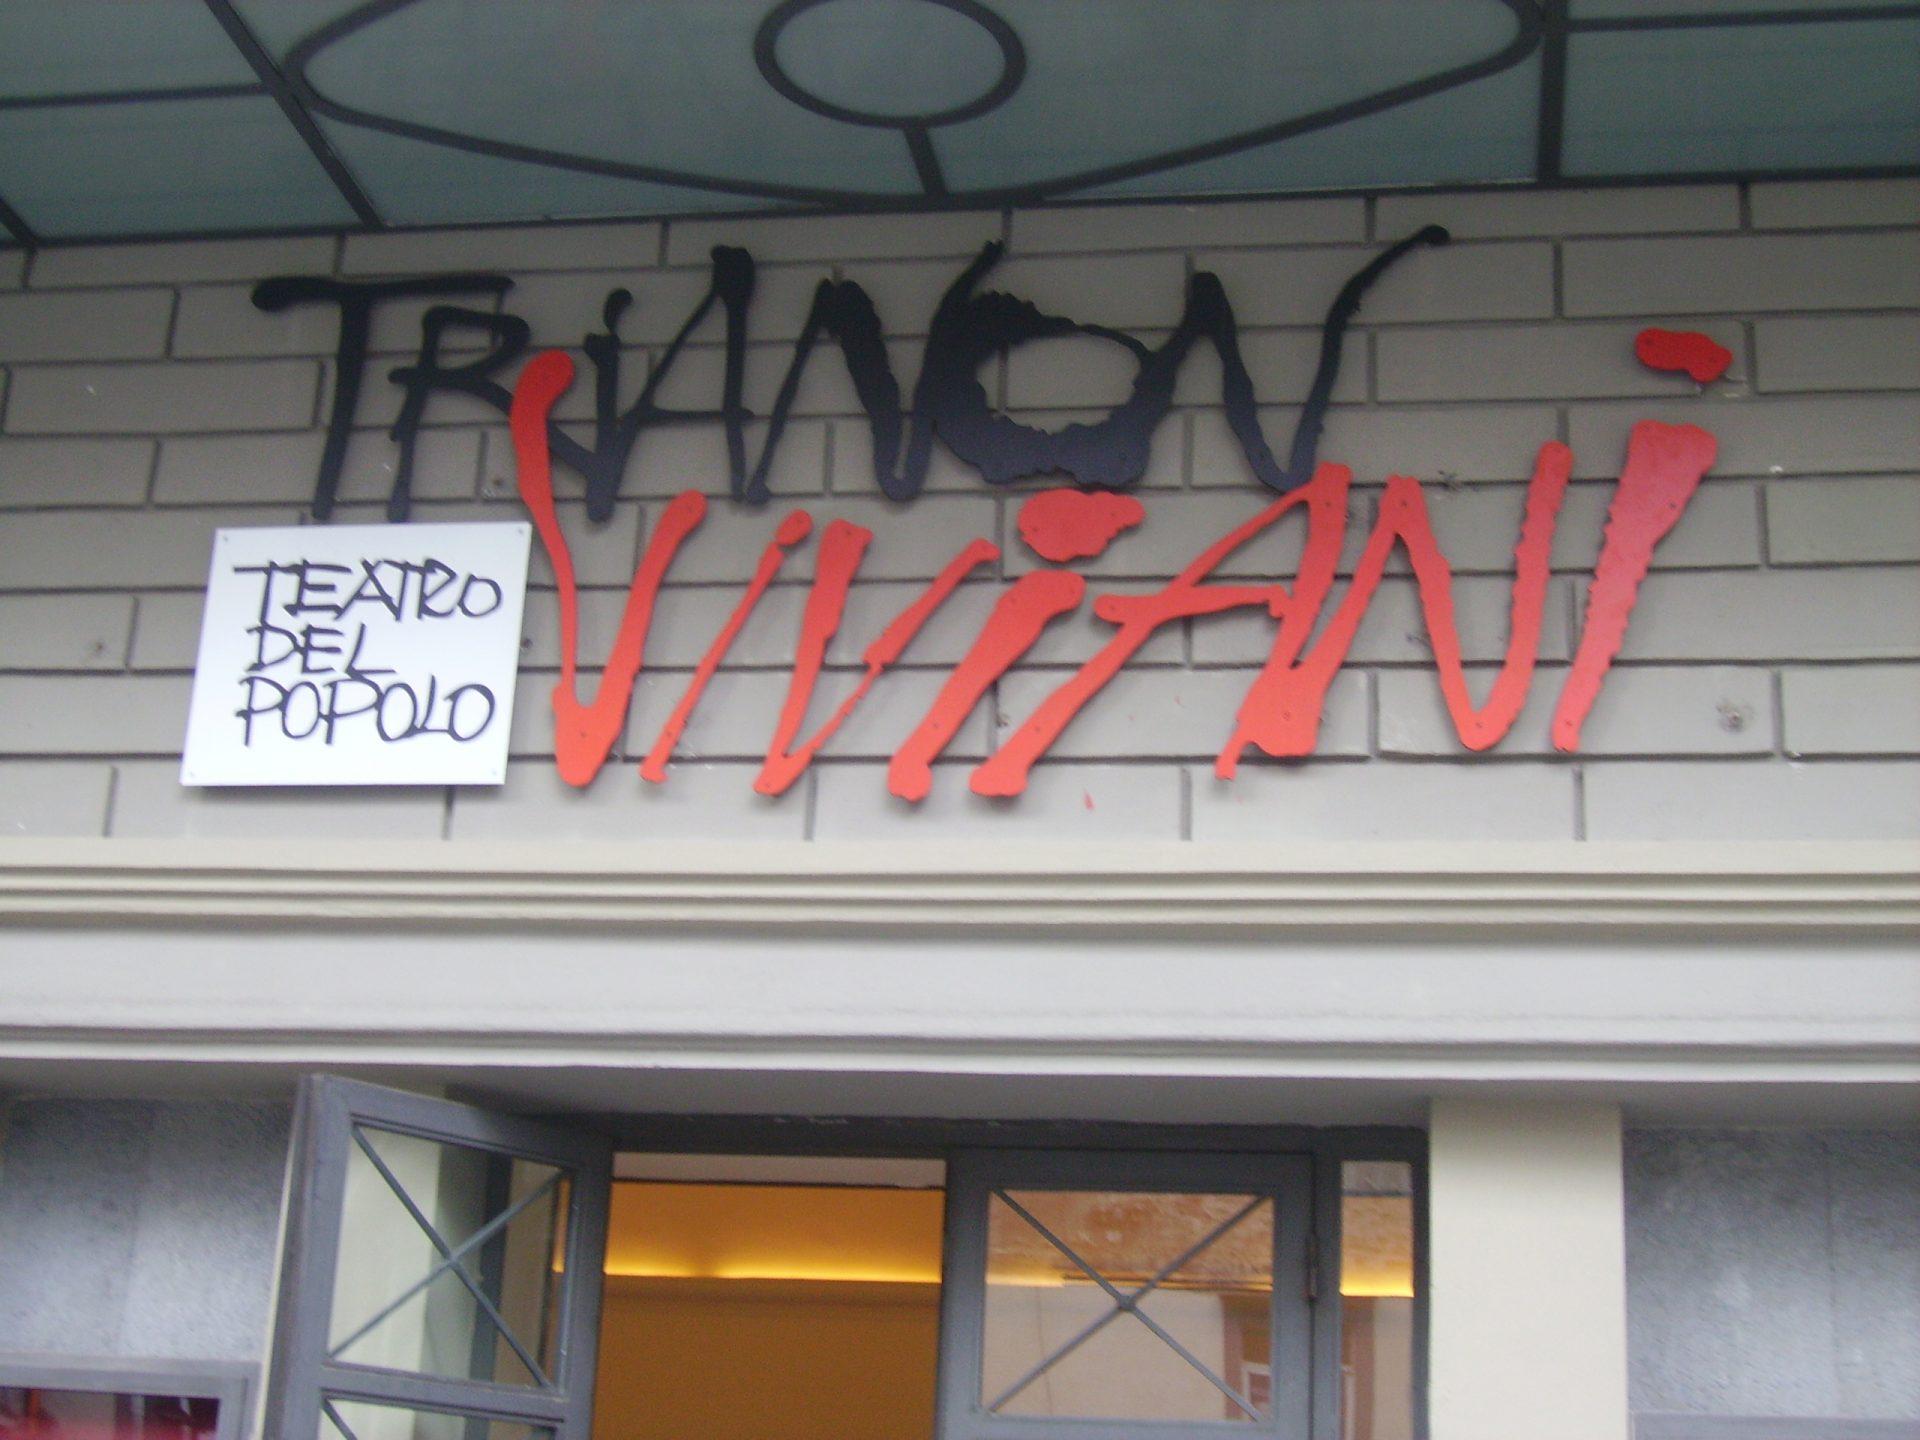 trianon viviani